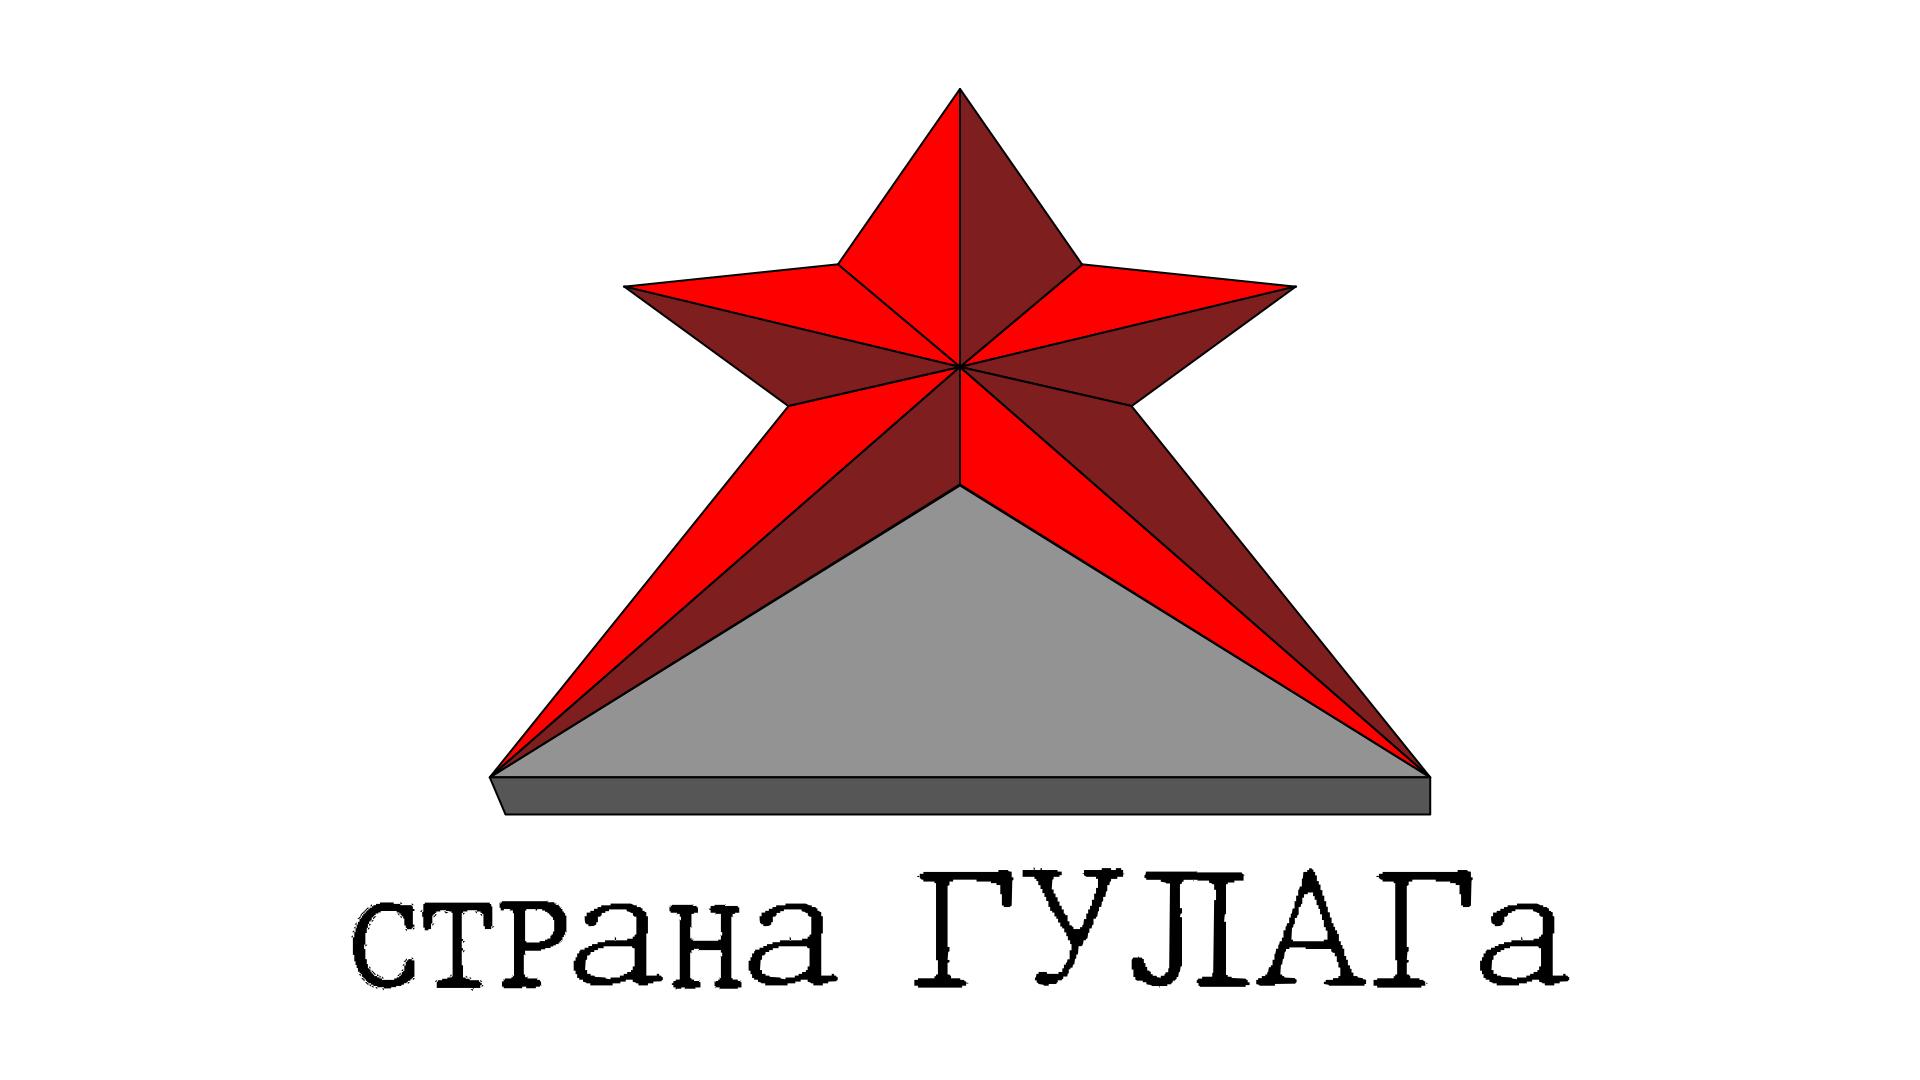 Логотип для организации с патриотической направленностью